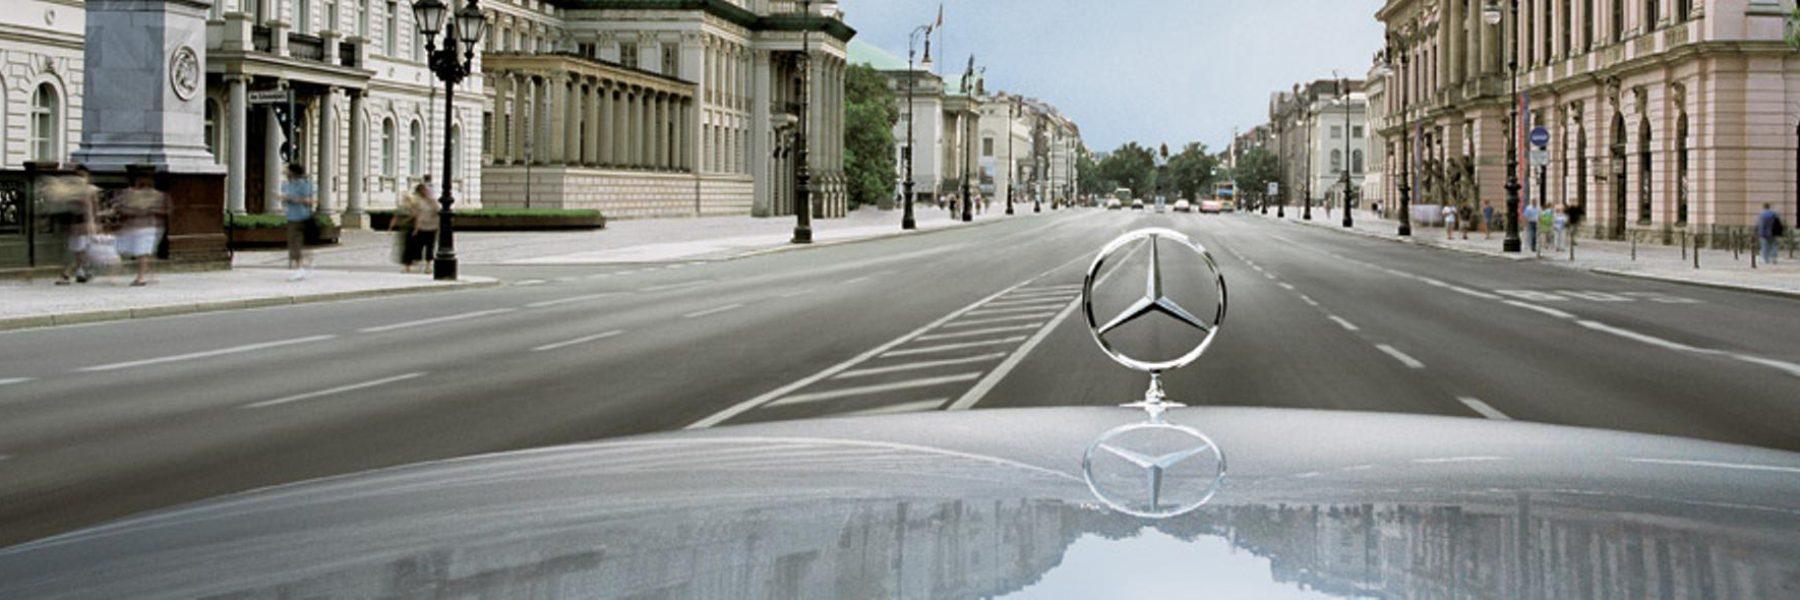 Corporative Principal Mercedes